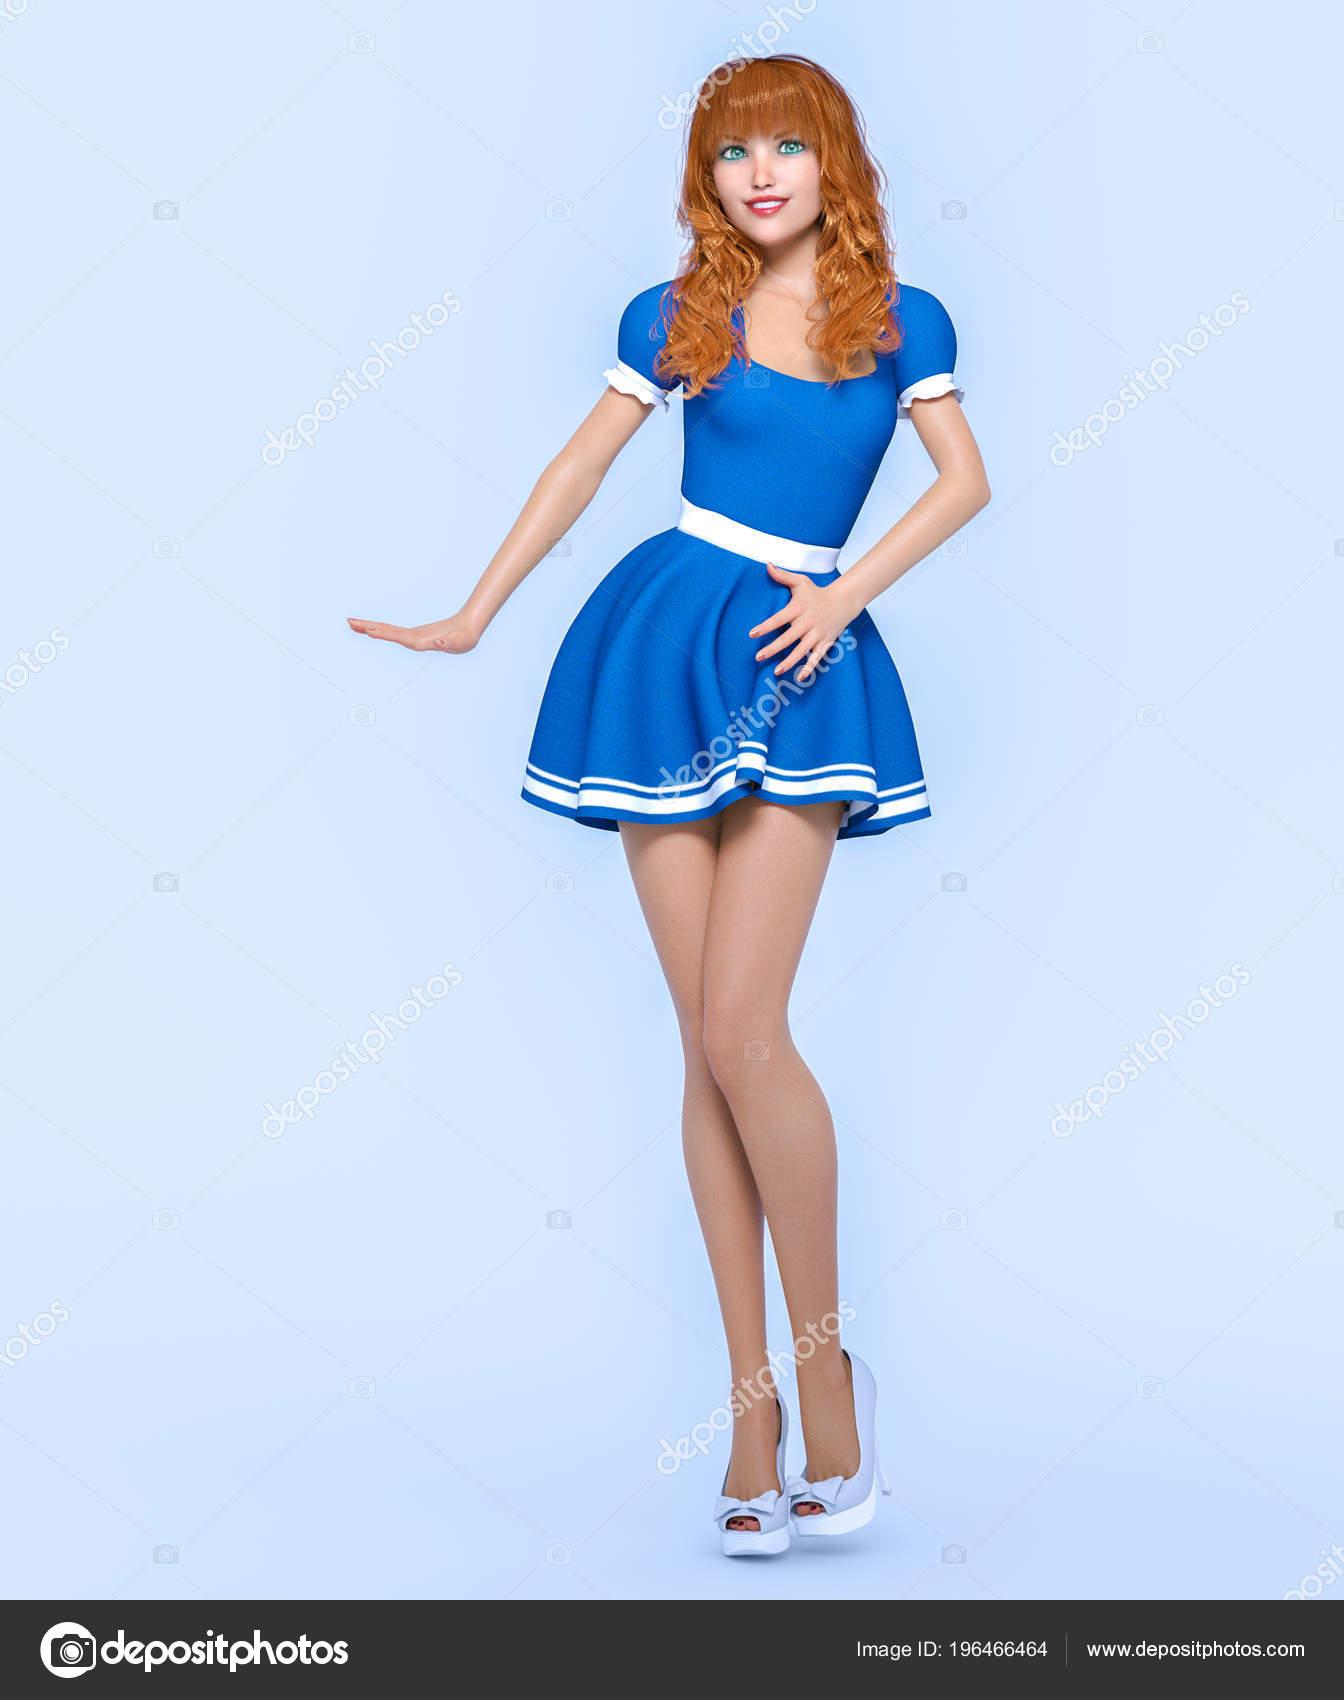 Vestido de la hermosa joven atractivo azul 3D. Fotografía de estudio de  mujer. Tacón alto. Arte conceptual de moda. Seductora pose Cándido. b7150b240d88